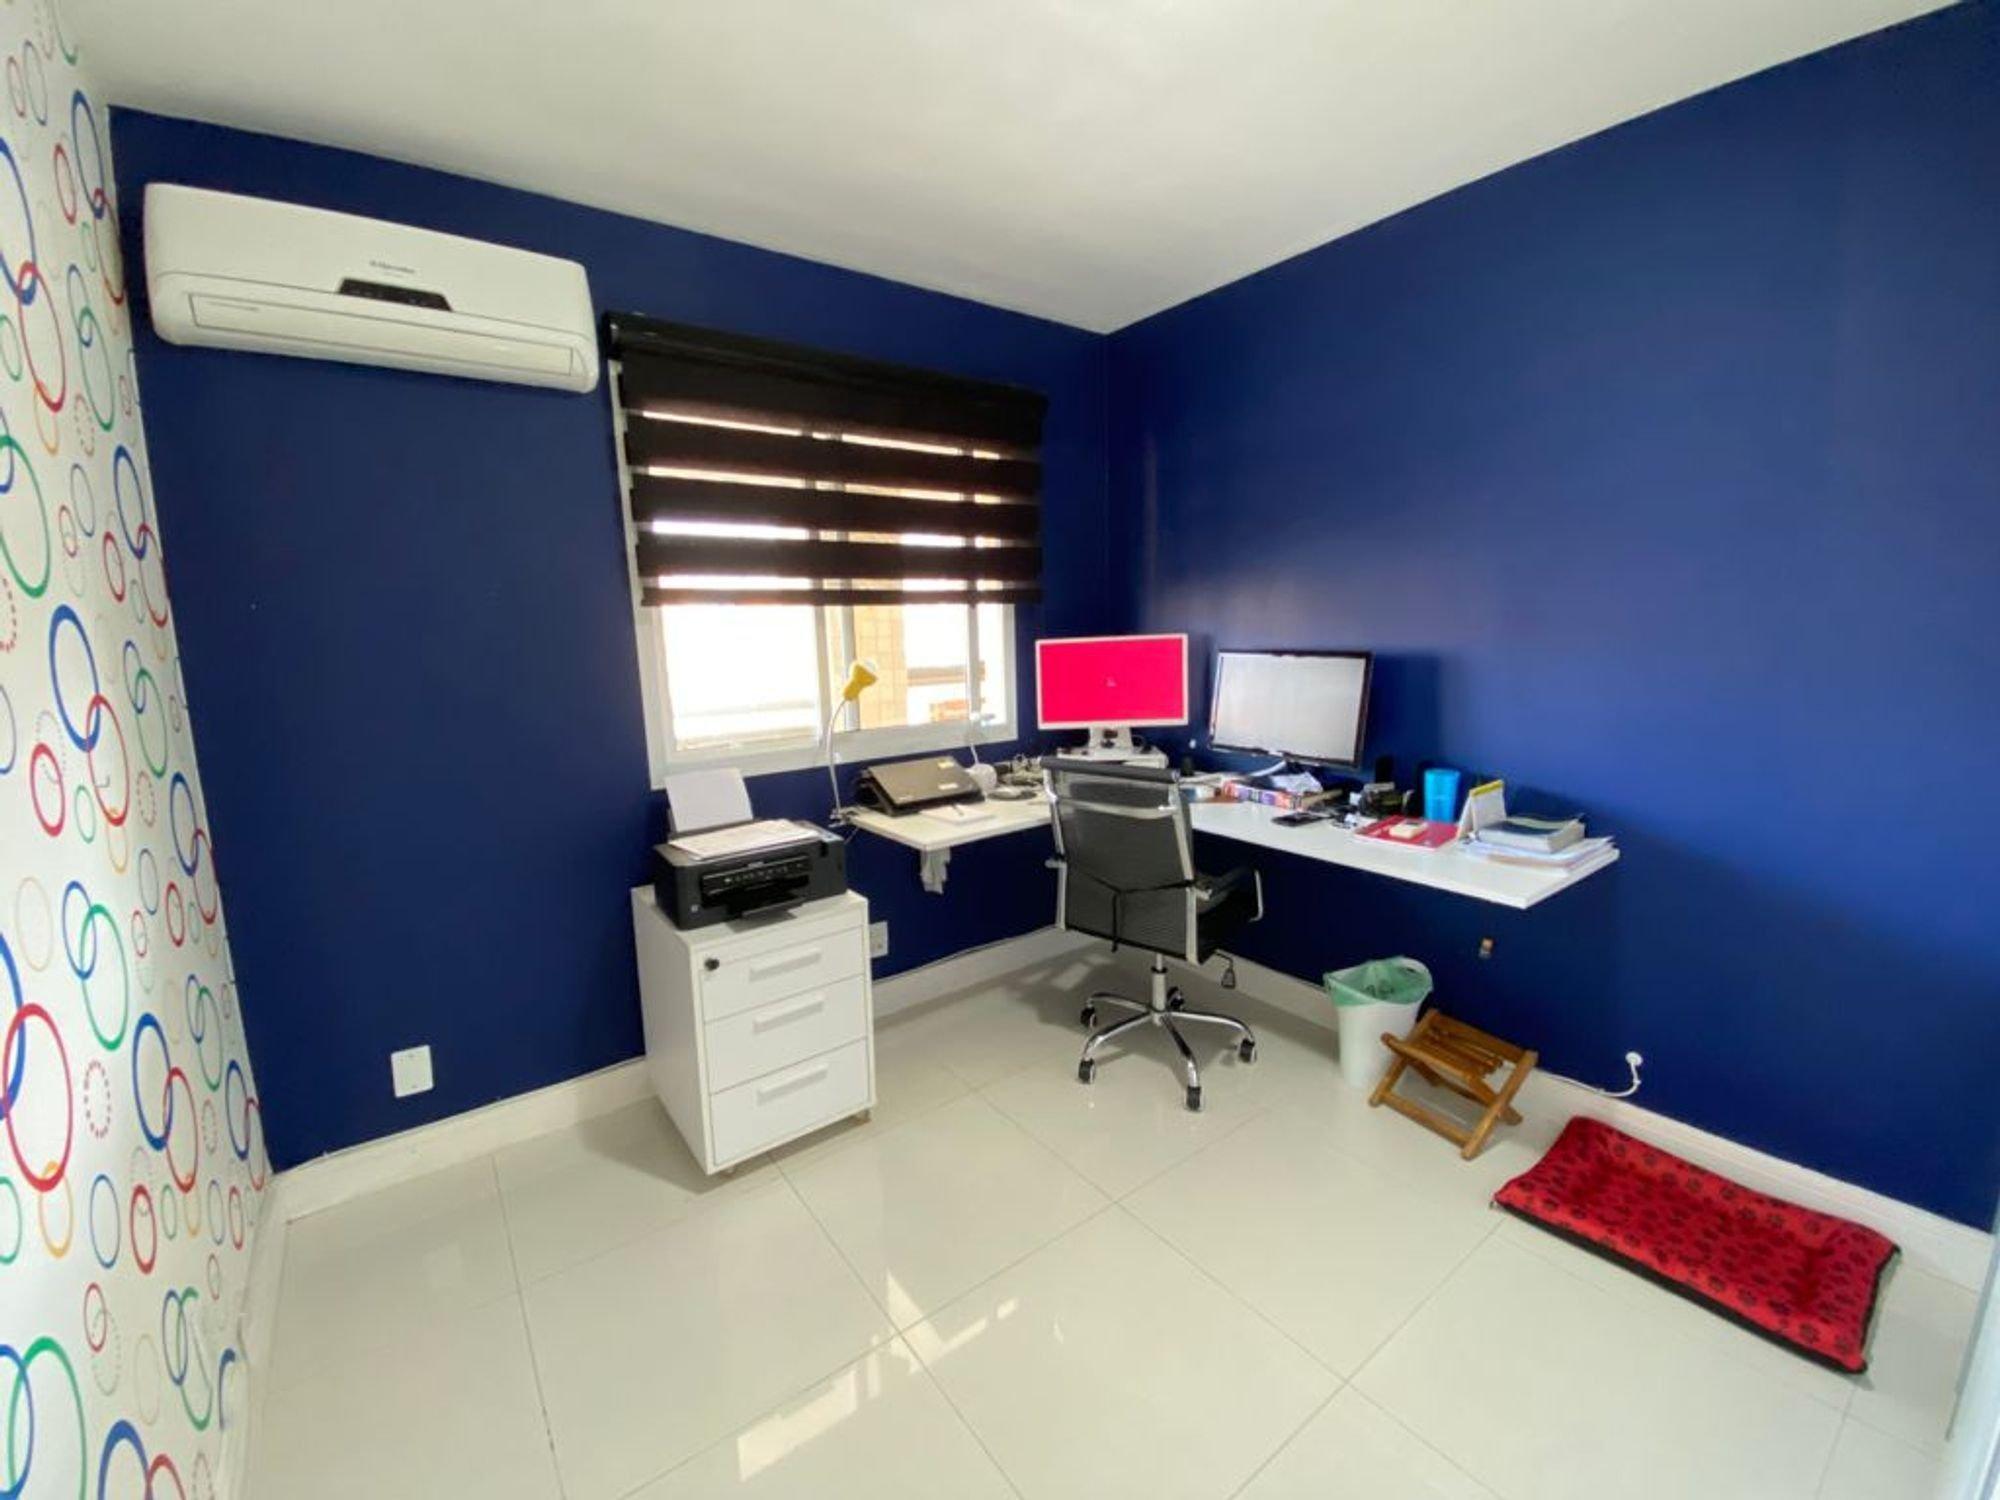 Foto de Banheiro com computador portátil, televisão, cadeira